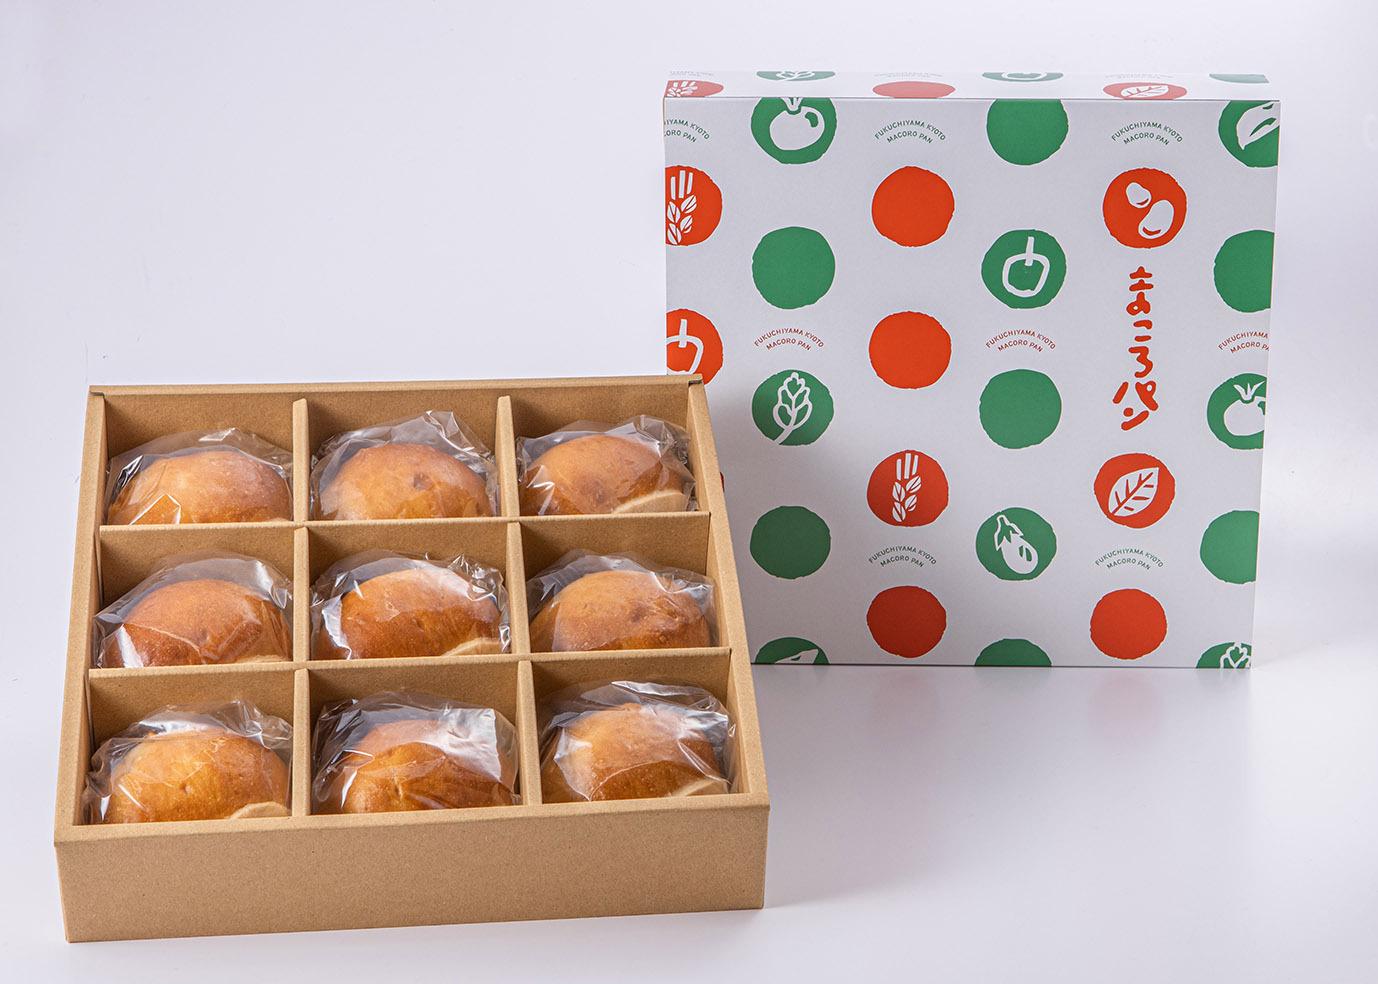 【秋限定!数量限定】まころの栗パン 9個入りボックス